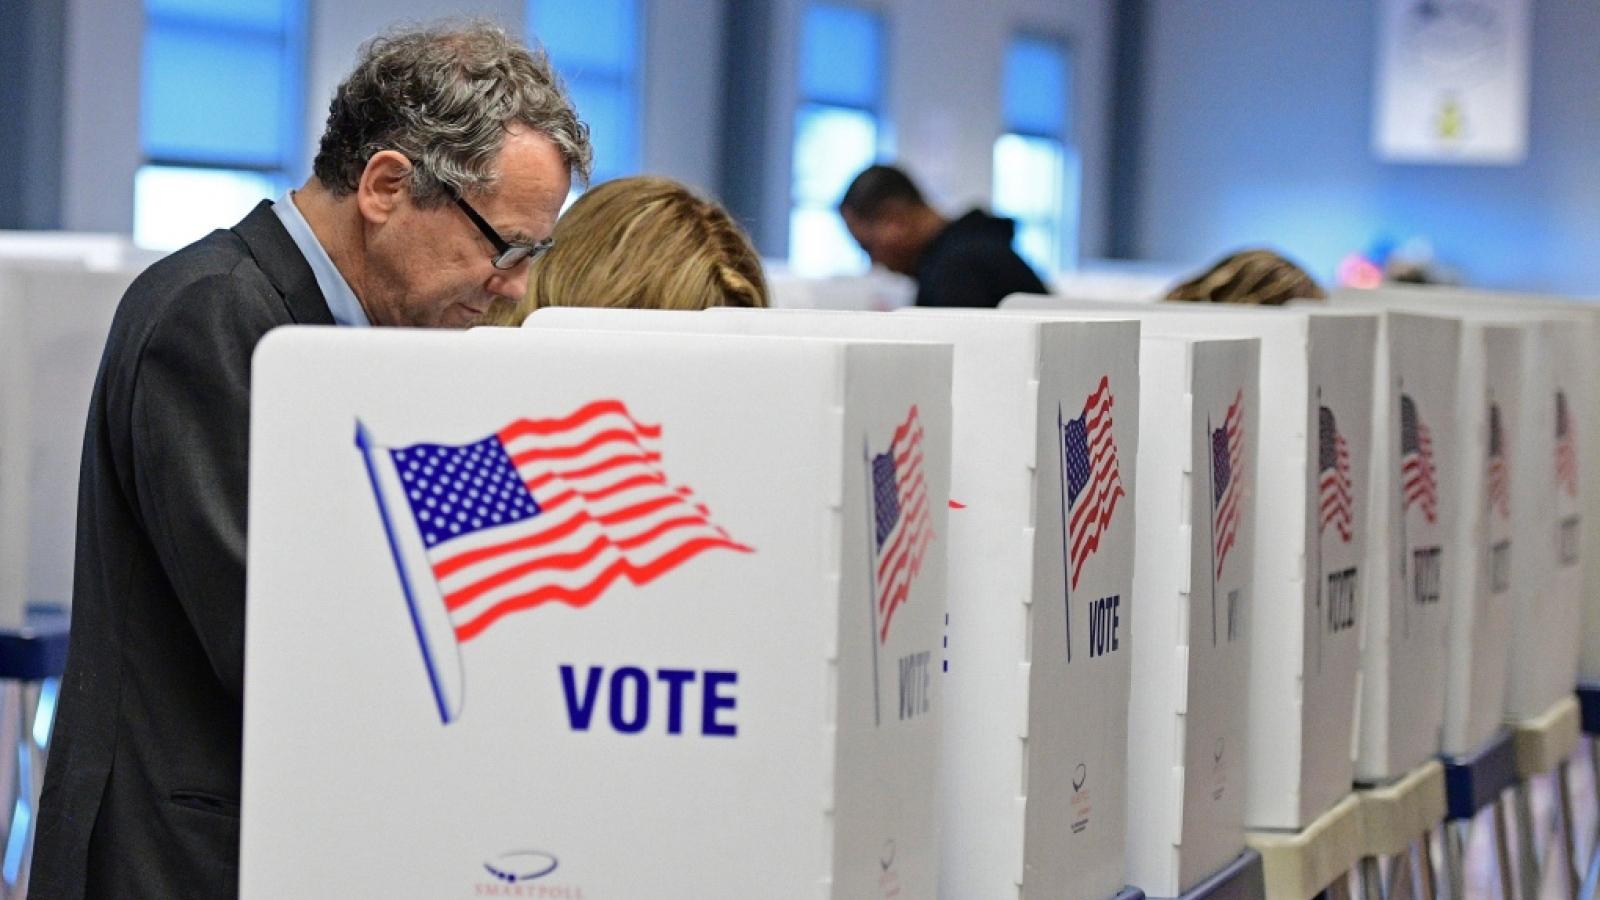 Bầu cử tổng thống Mỹ: 98 triệu cử tri đã bỏ phiếu, vậy còn ai chưa đi bầu cử?